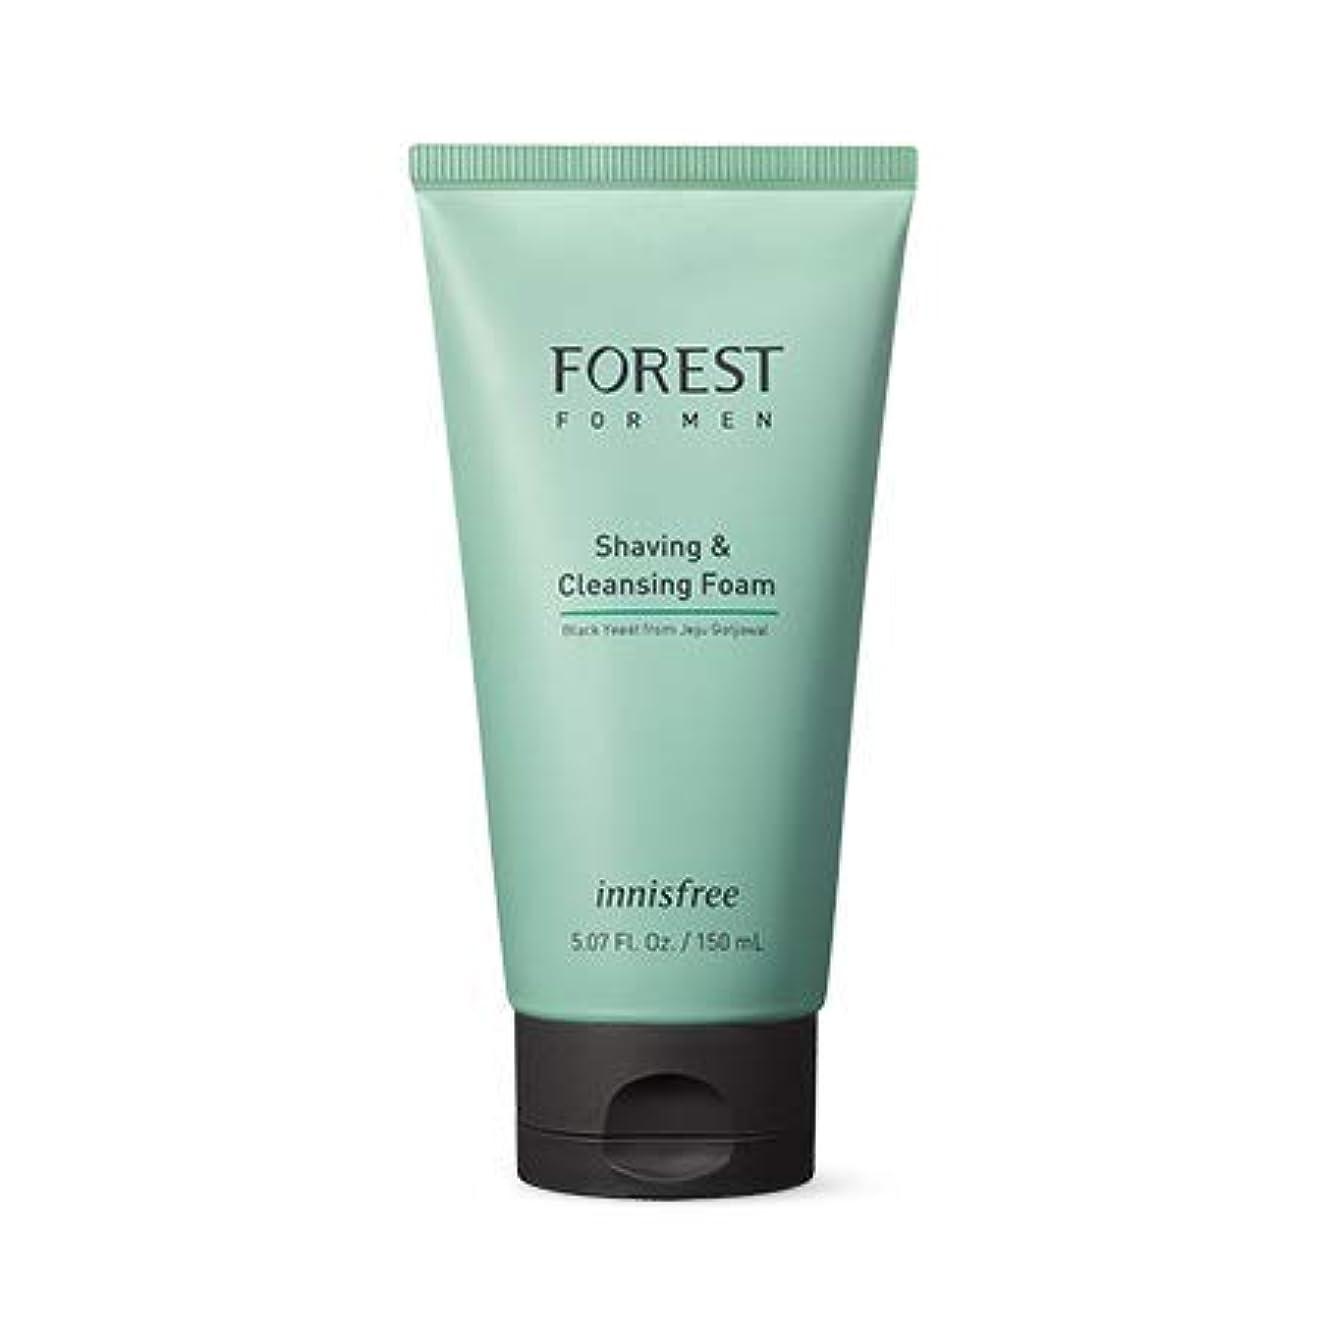 鉛失業者アクセス[イニスフリー.innisfree]フォレストフォアマンシェービング&クレンジングフォーム150mL(2019.05新製品)/ Forest for Men Shaving&Cleansing Foam